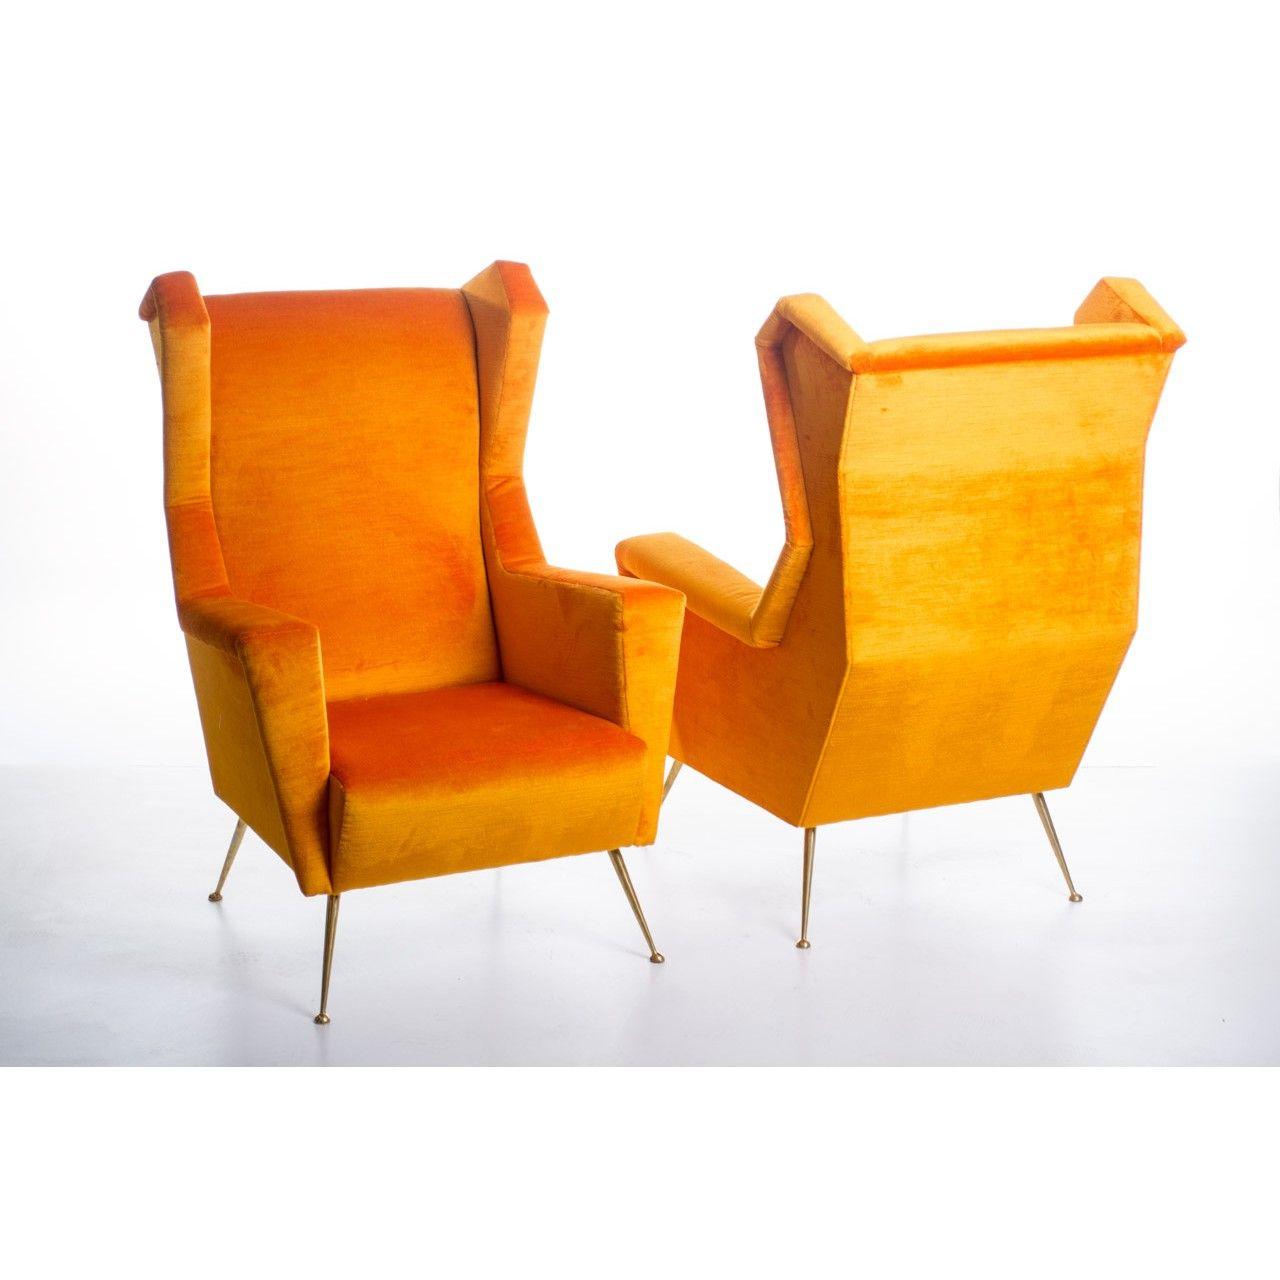 Coppia di poltrone stile anni 50 made in Italy colori giallo ...